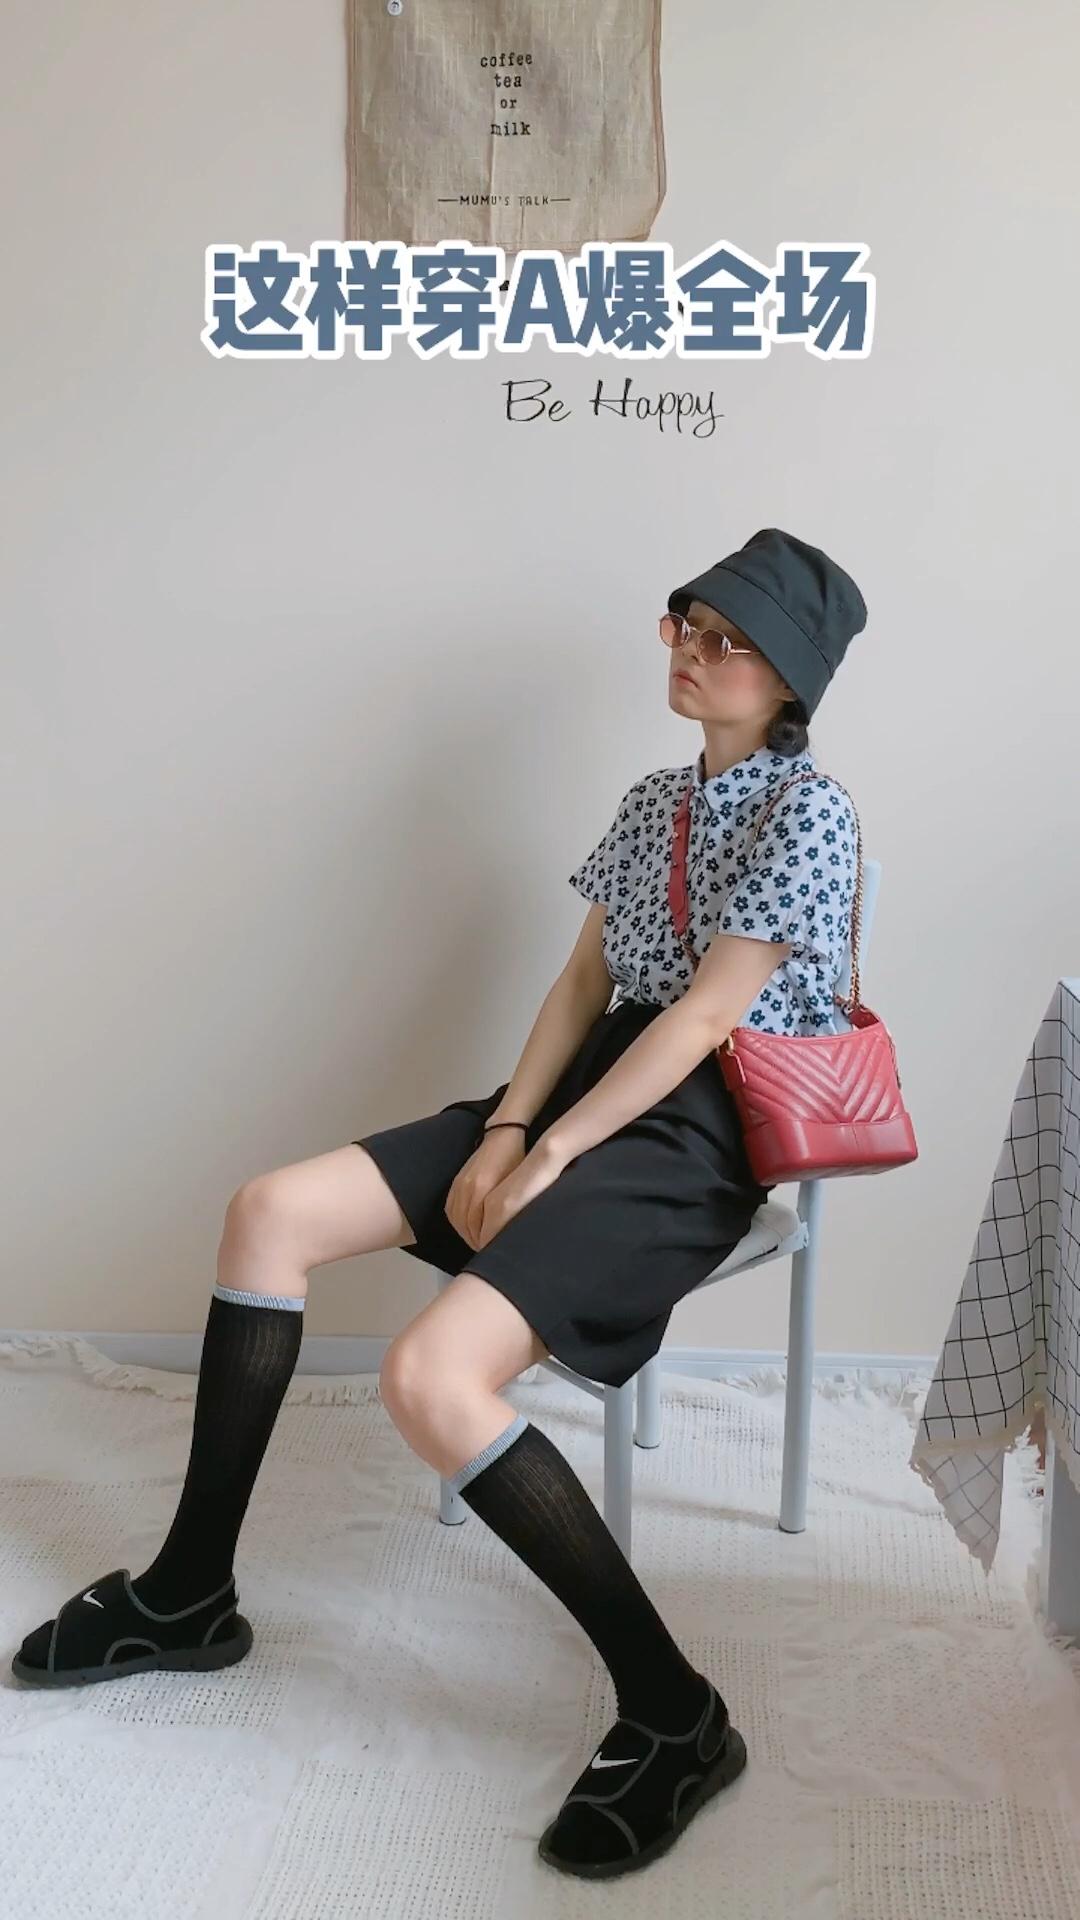 夏日必备的小花单品,穿上它简直少女感满满。搭配黑色西装短裤和黑色的桶帽,整体A字版型显高又显瘦。小腿袜和魔术贴凉鞋的组合,很彰显个性哦  #高腰:长腿制造机本机!!!#